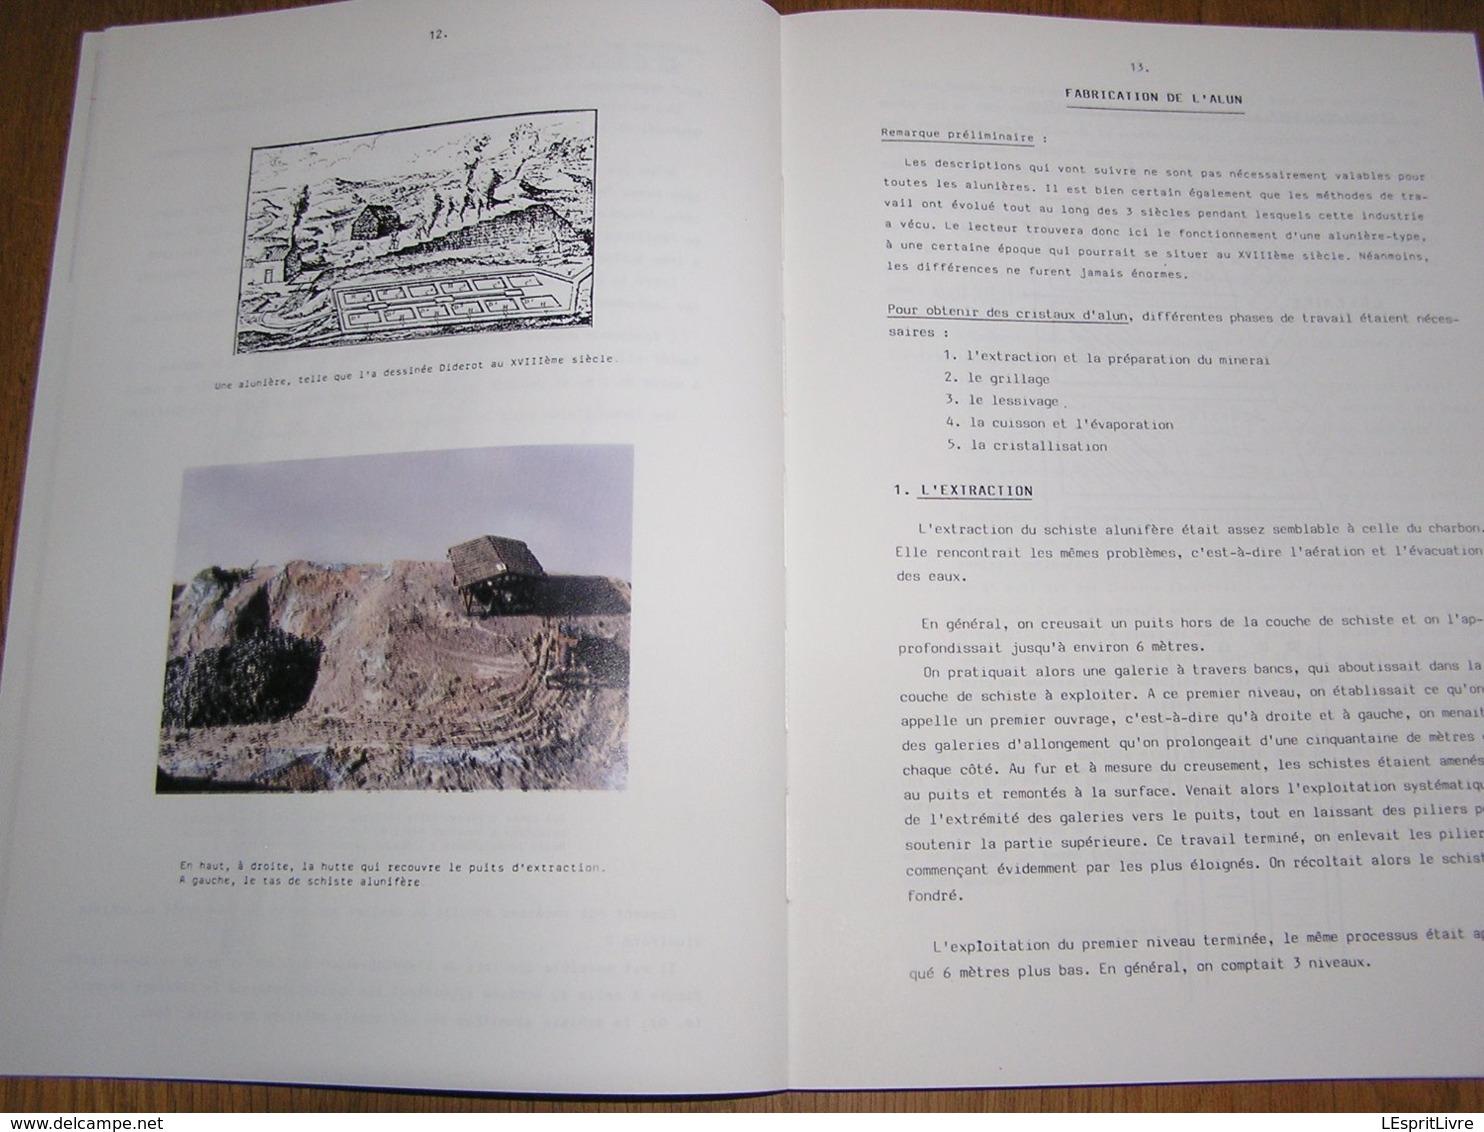 LES ALUNIERES à FLEMALLE ET DANS LA VALLEE DE LA MEUSE Régionalisme Industrie Extraction Pierre Alun Mine Puits Ampsin - Culture